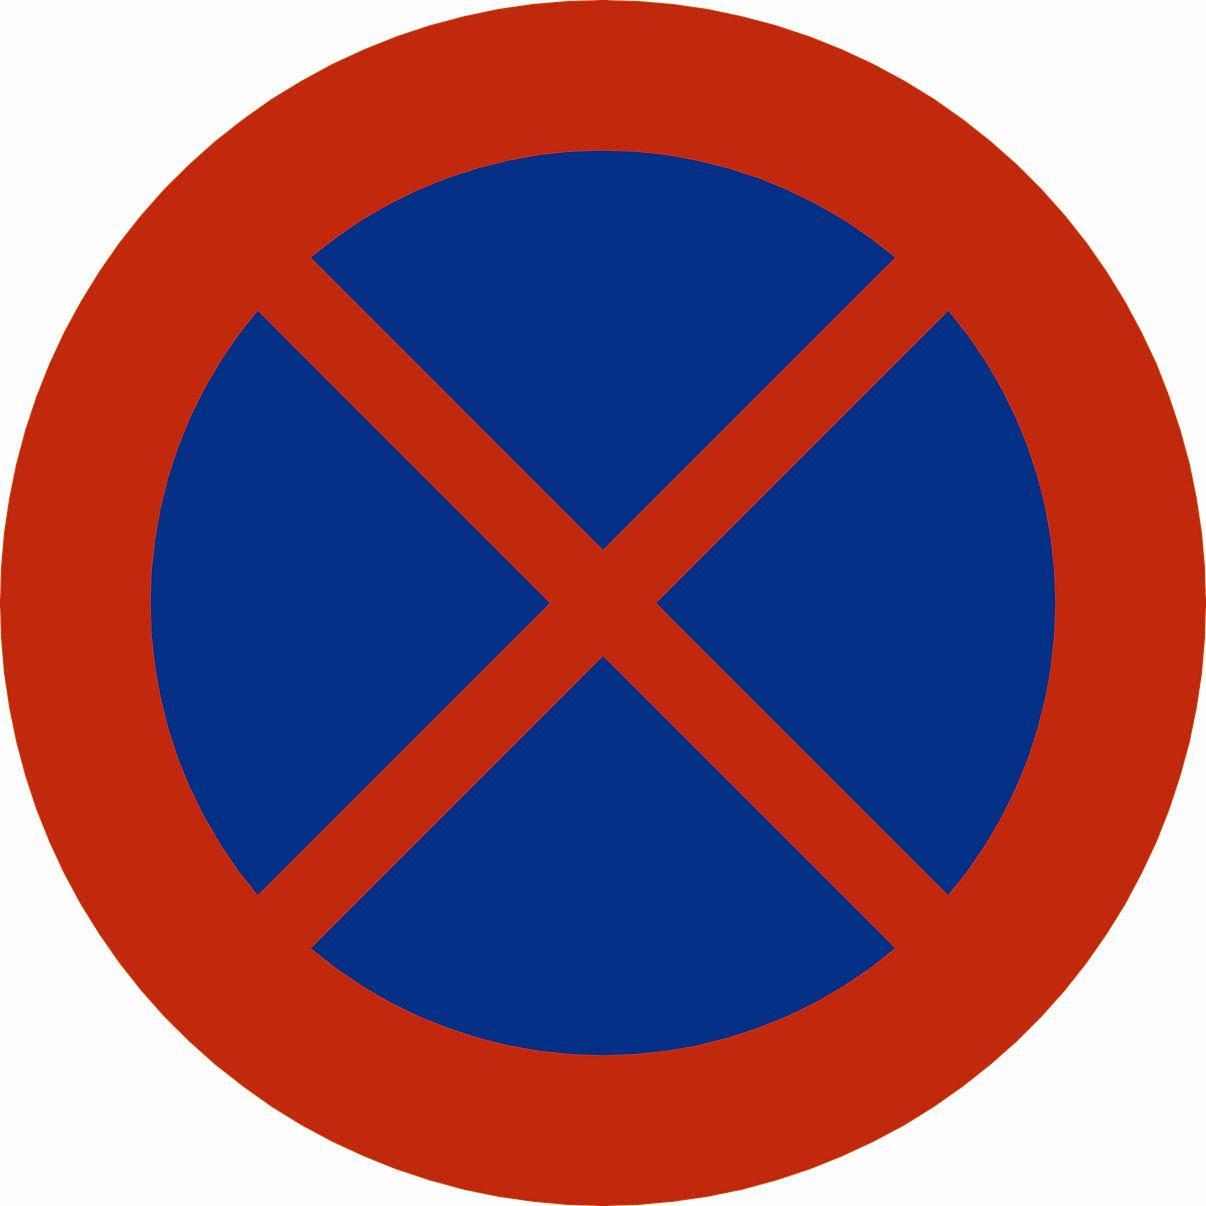 Stans forbudt skilt